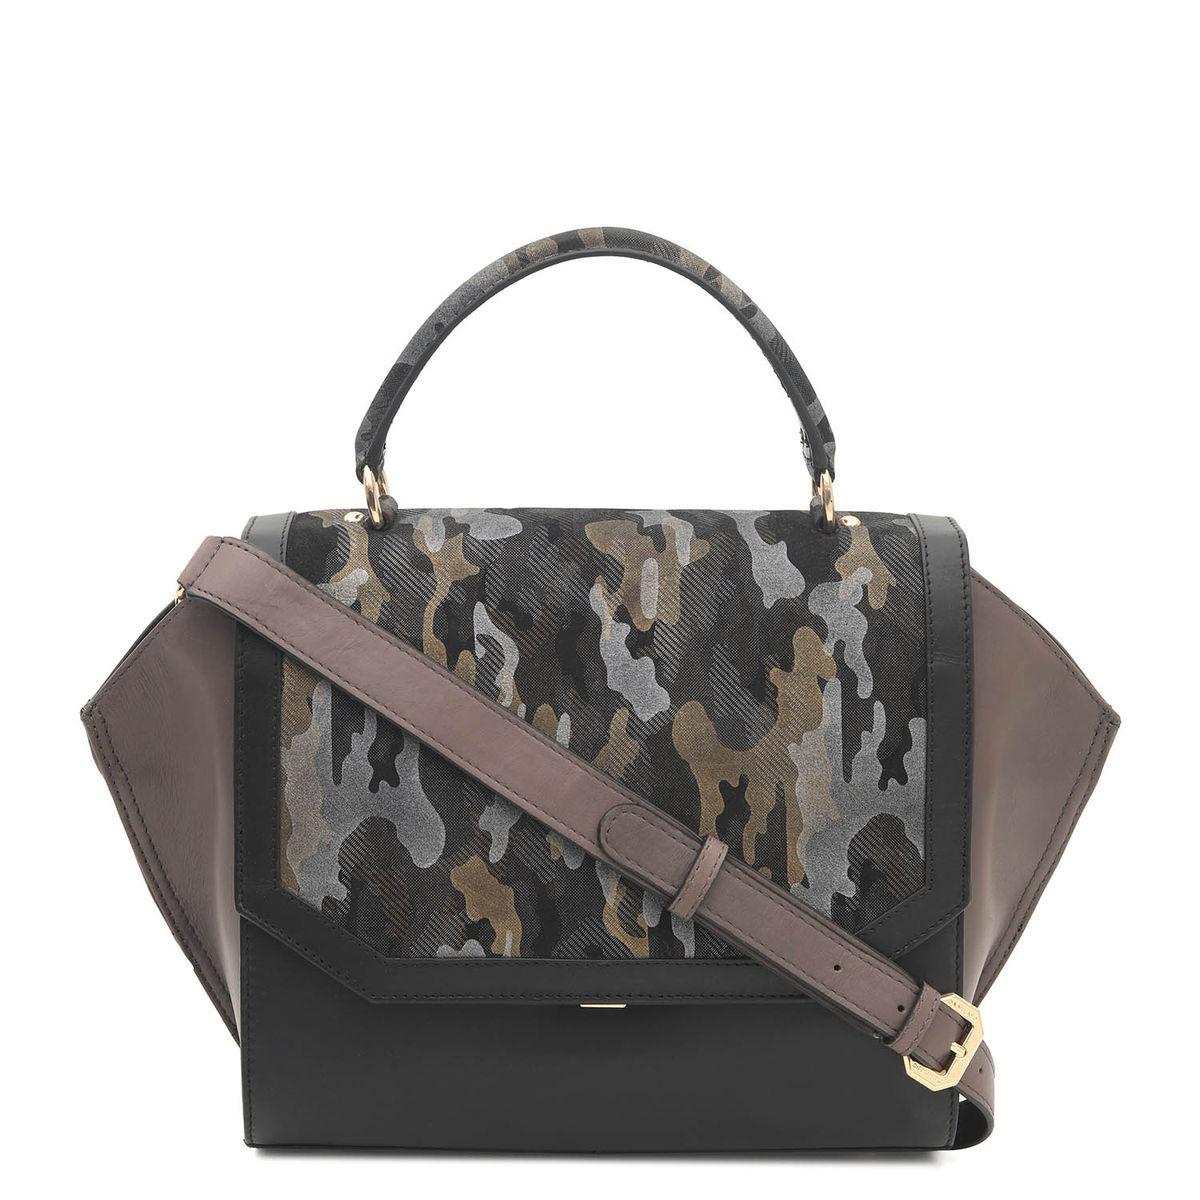 ee52103915ef ... Da Milano Black   Grey Satchel Bag. sold-out-image zoom Da ...